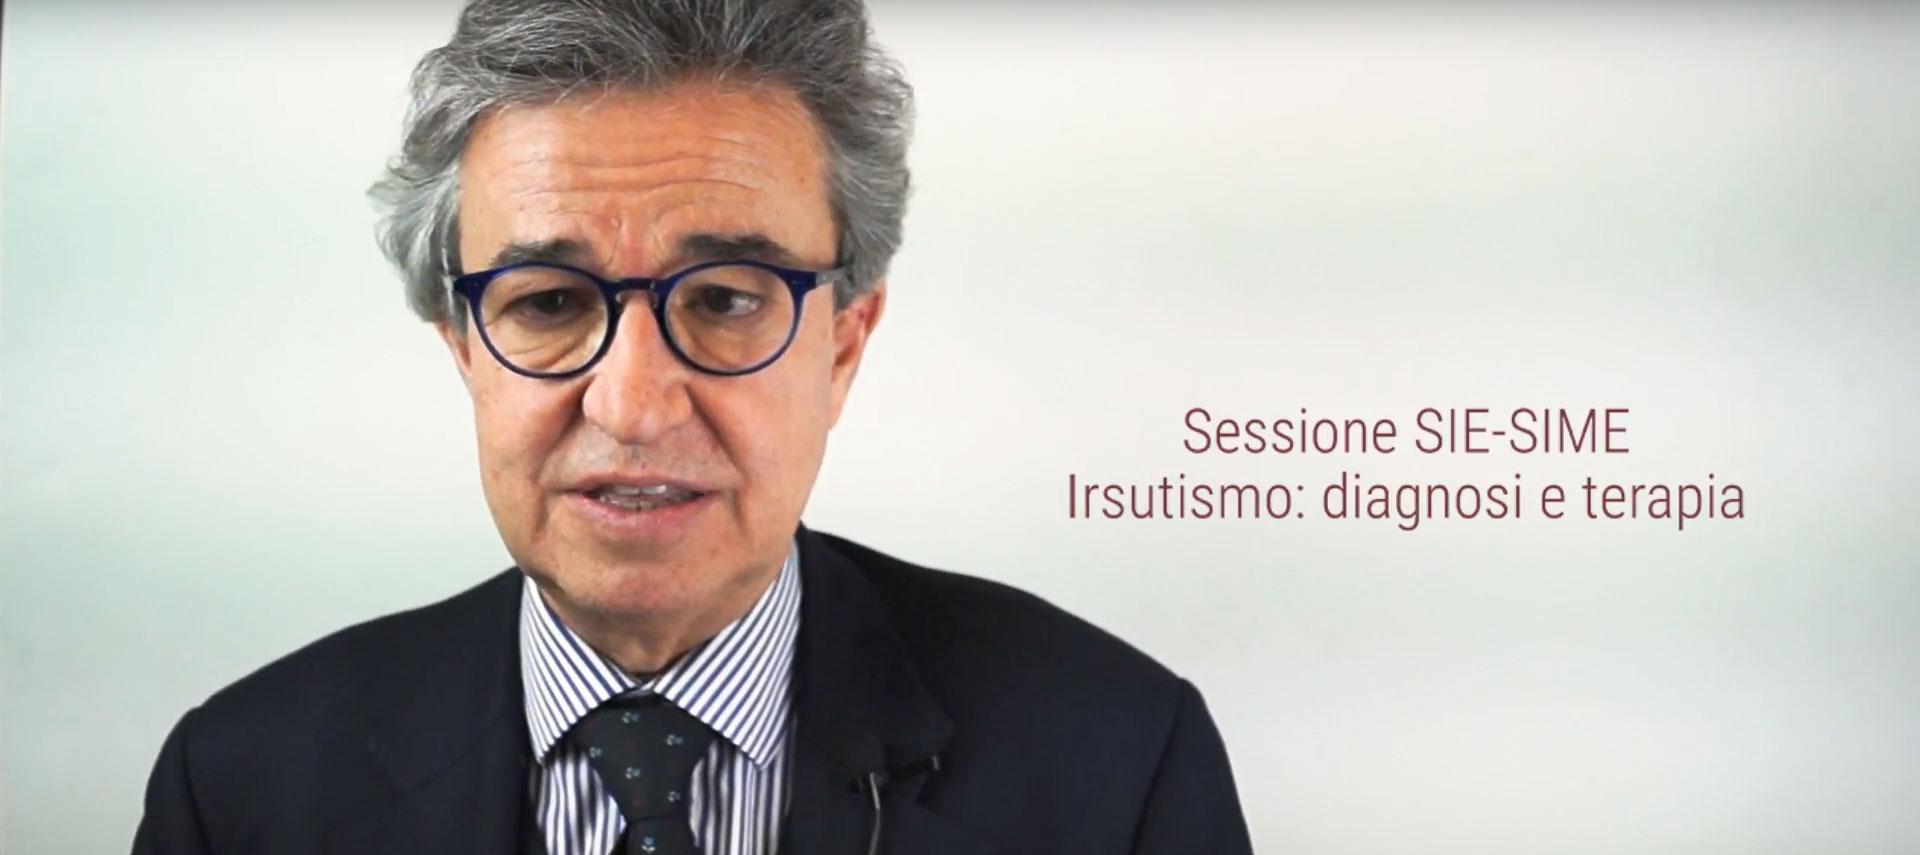 39° Congresso SIME - Intervista al Prof. Andrea Lenzi